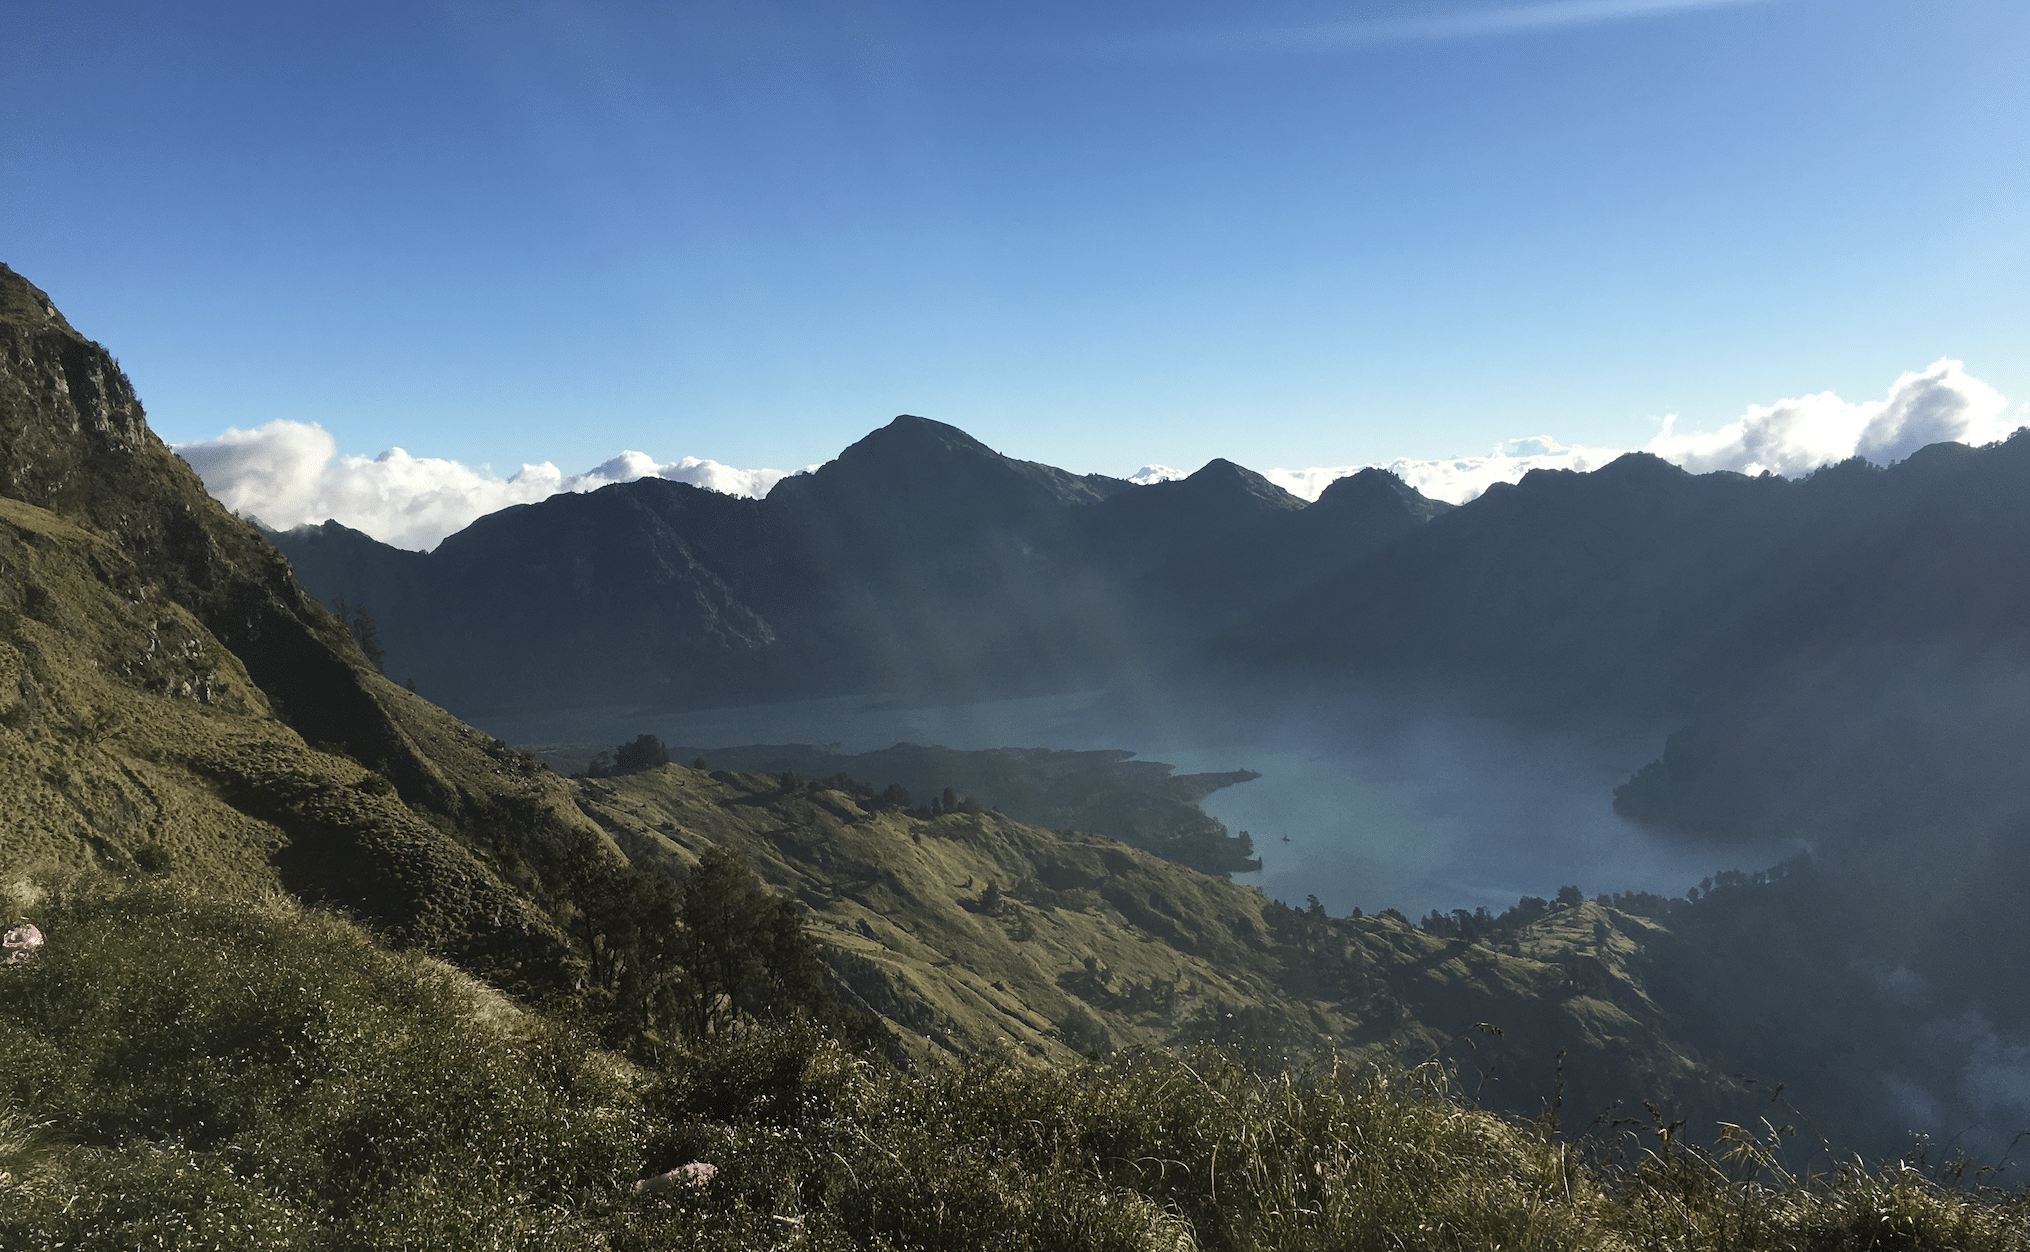 le segara anak, lac sacre au mont rinjani